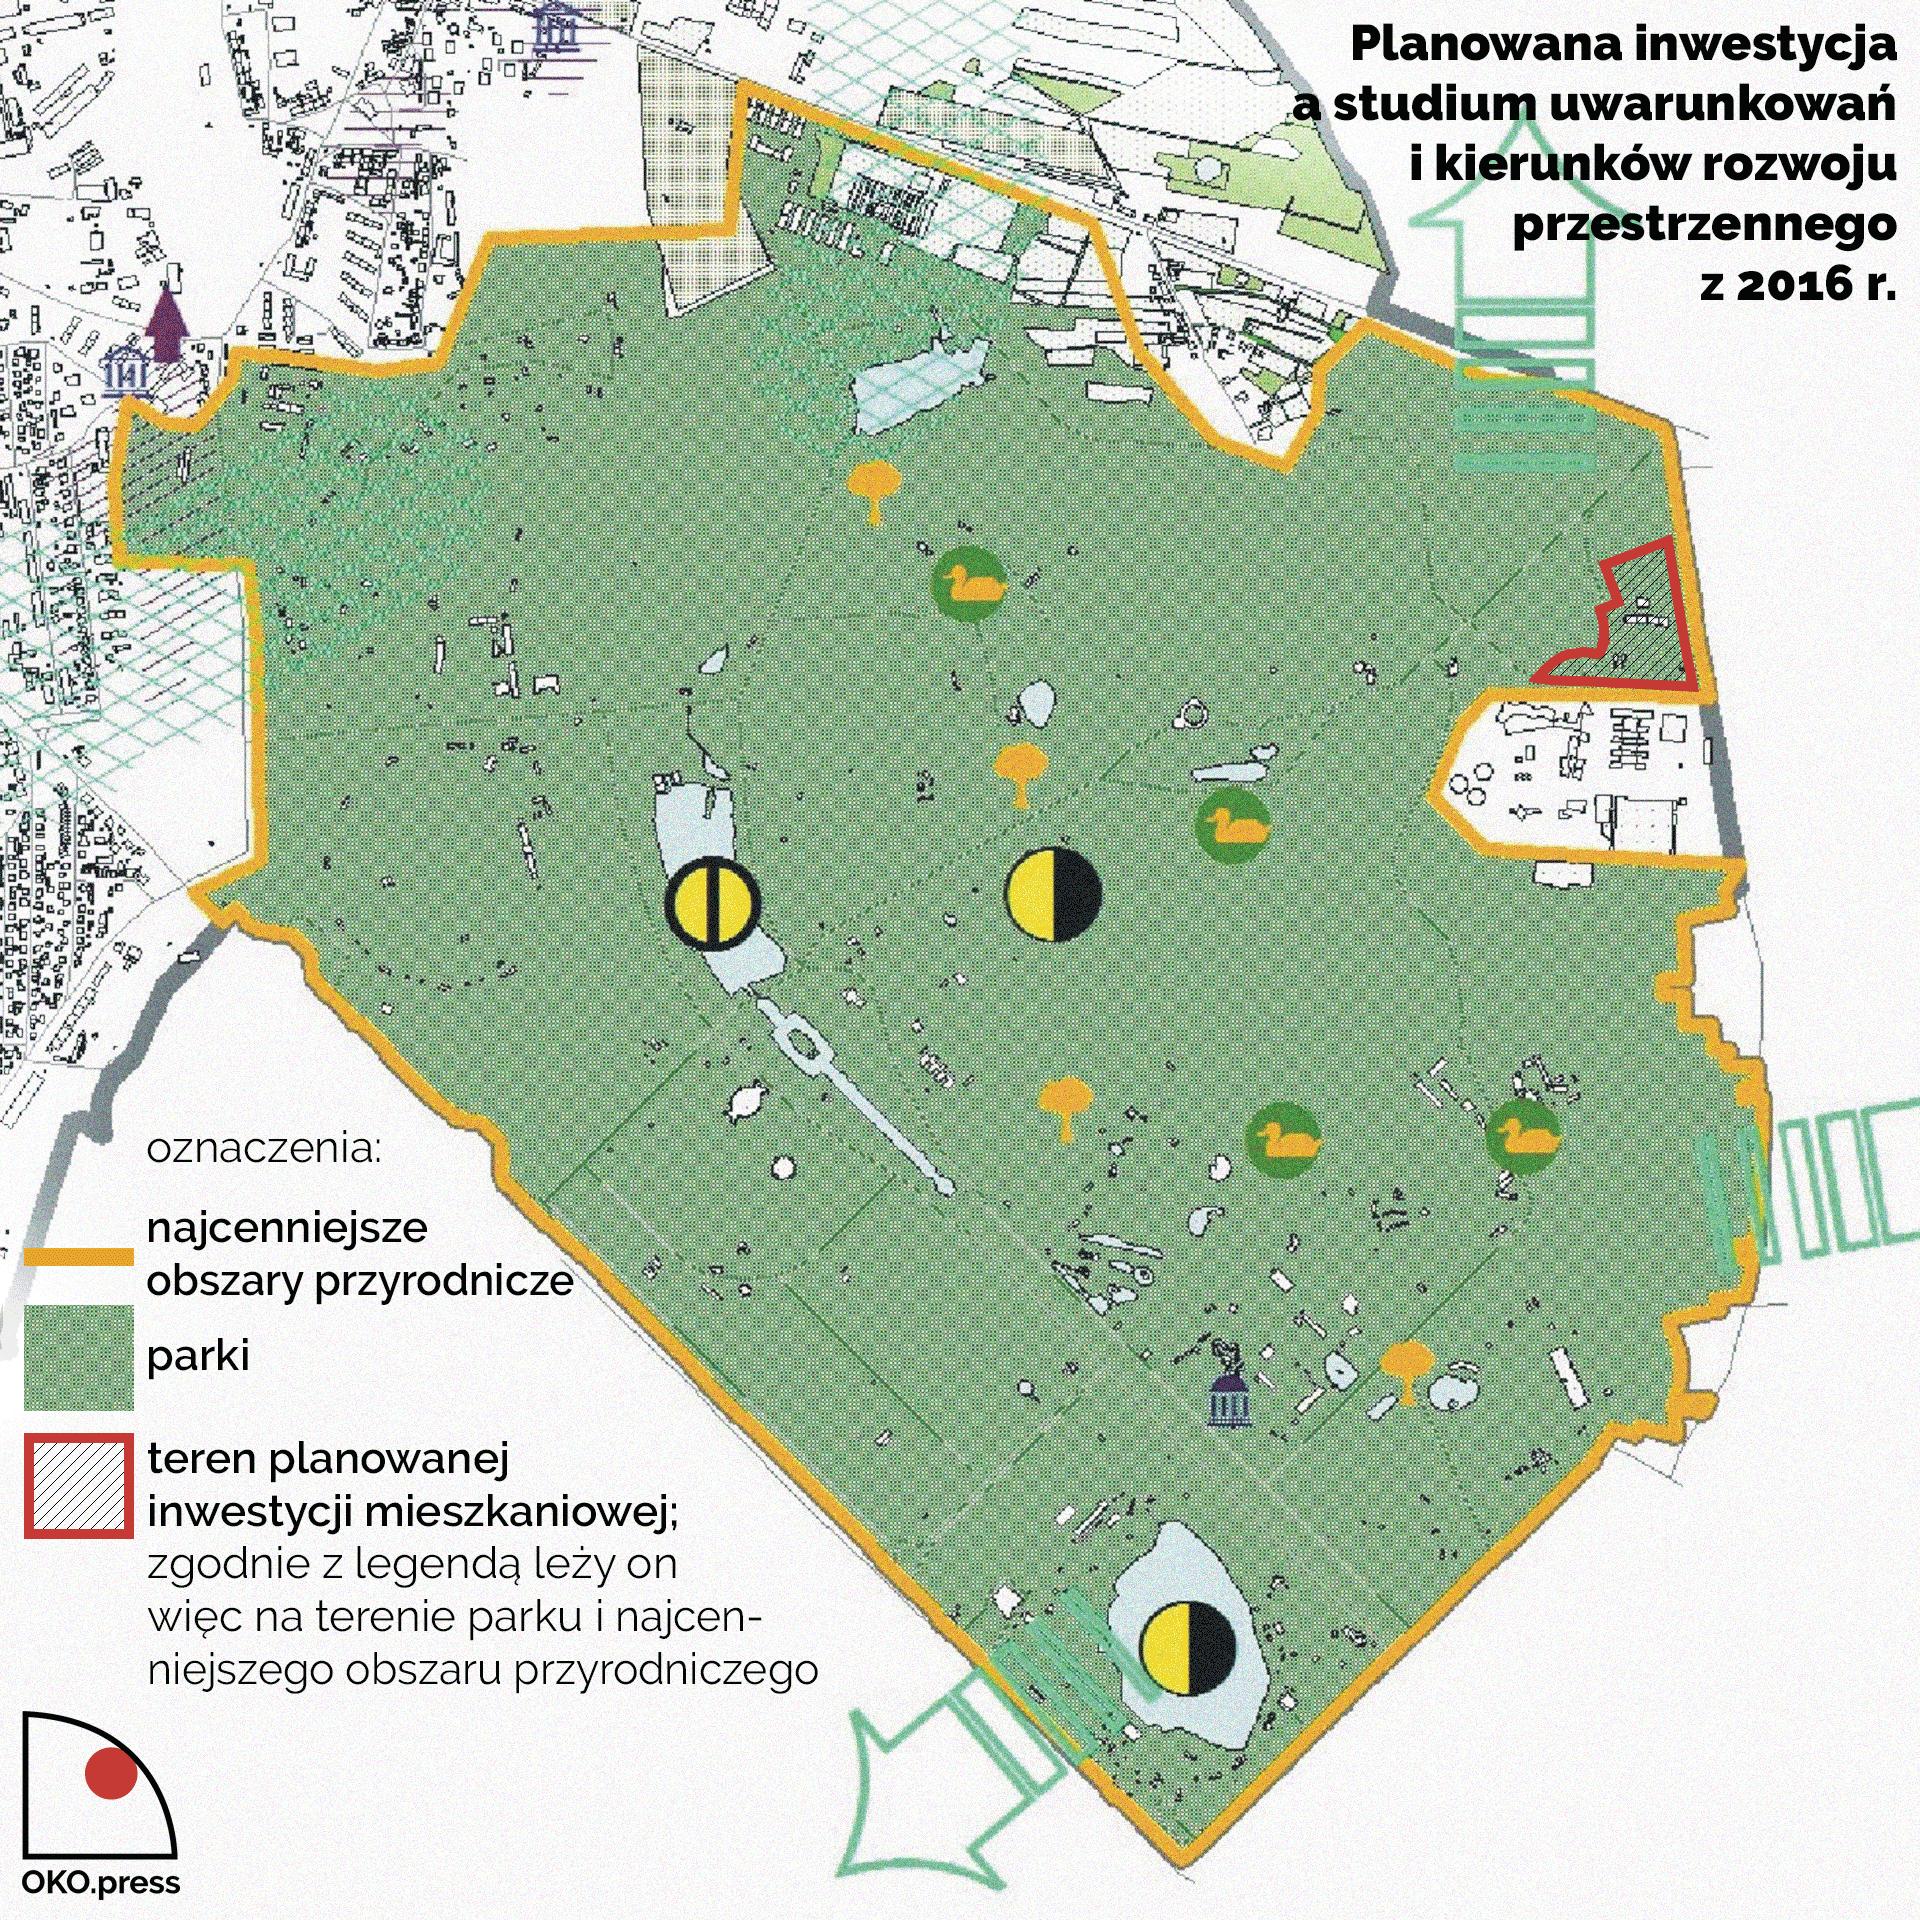 Planowana inwestycja na tle studium uwarunkowań i kierunków rozwoju przestrzennego Chorzowa